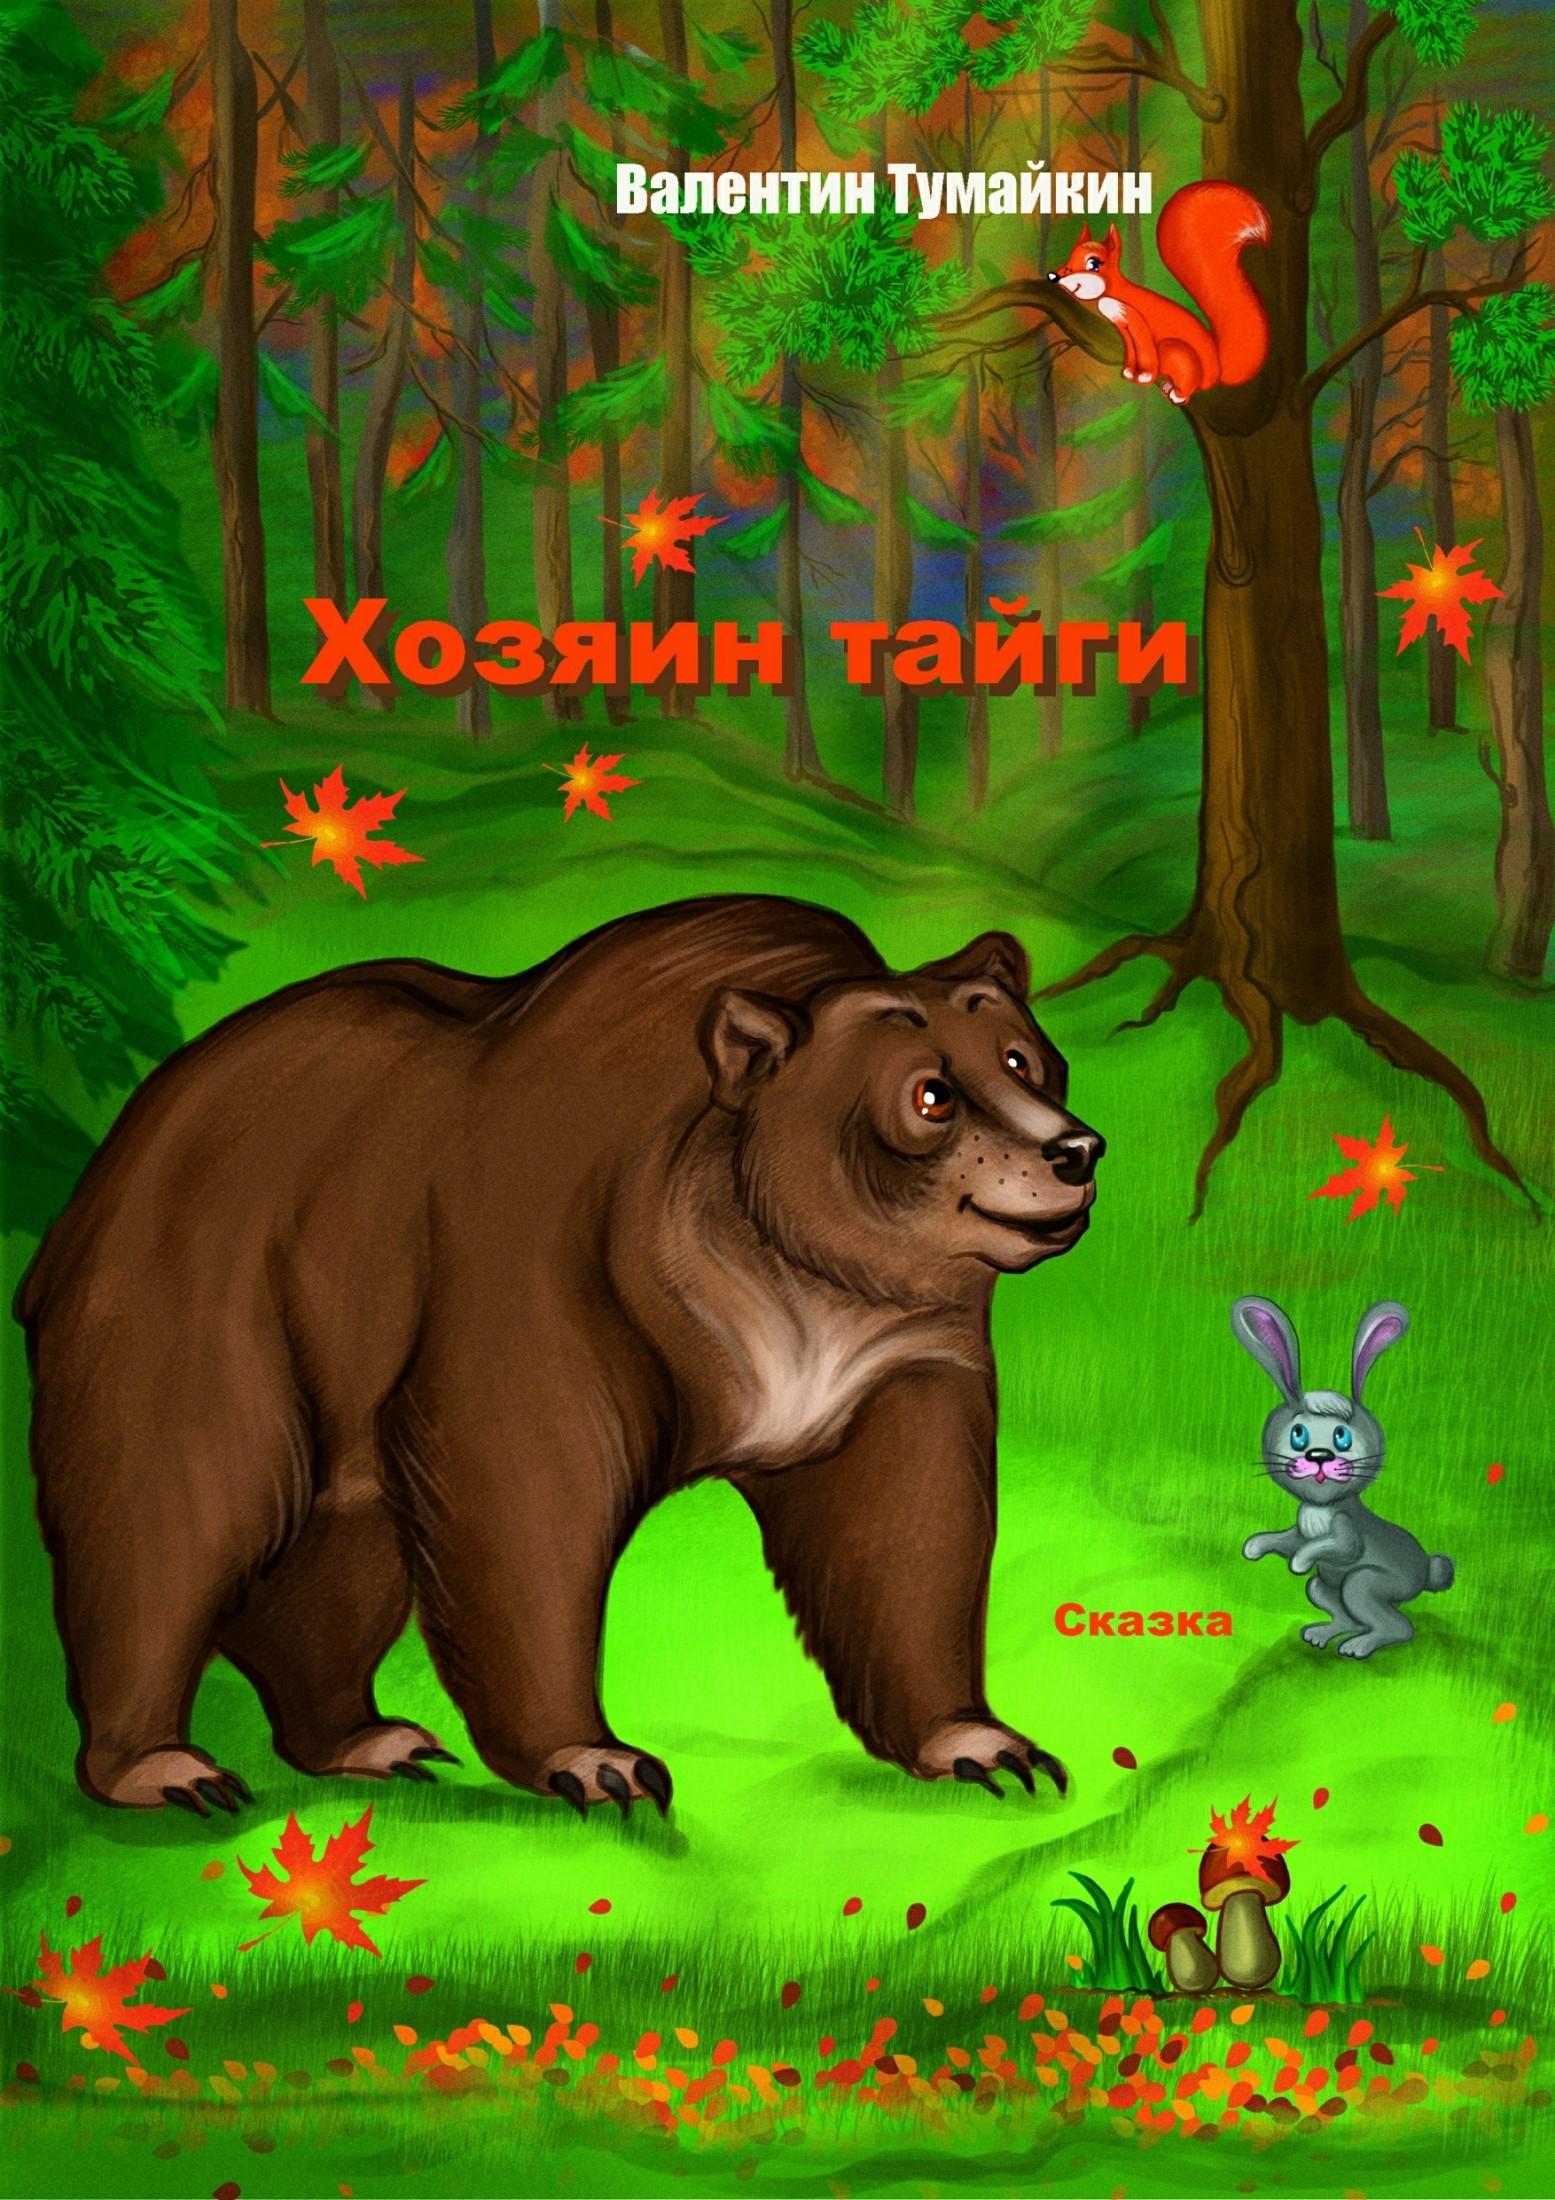 Валентин Тумайкин Хозяин тайги валентин тумайкин хозяин тайги